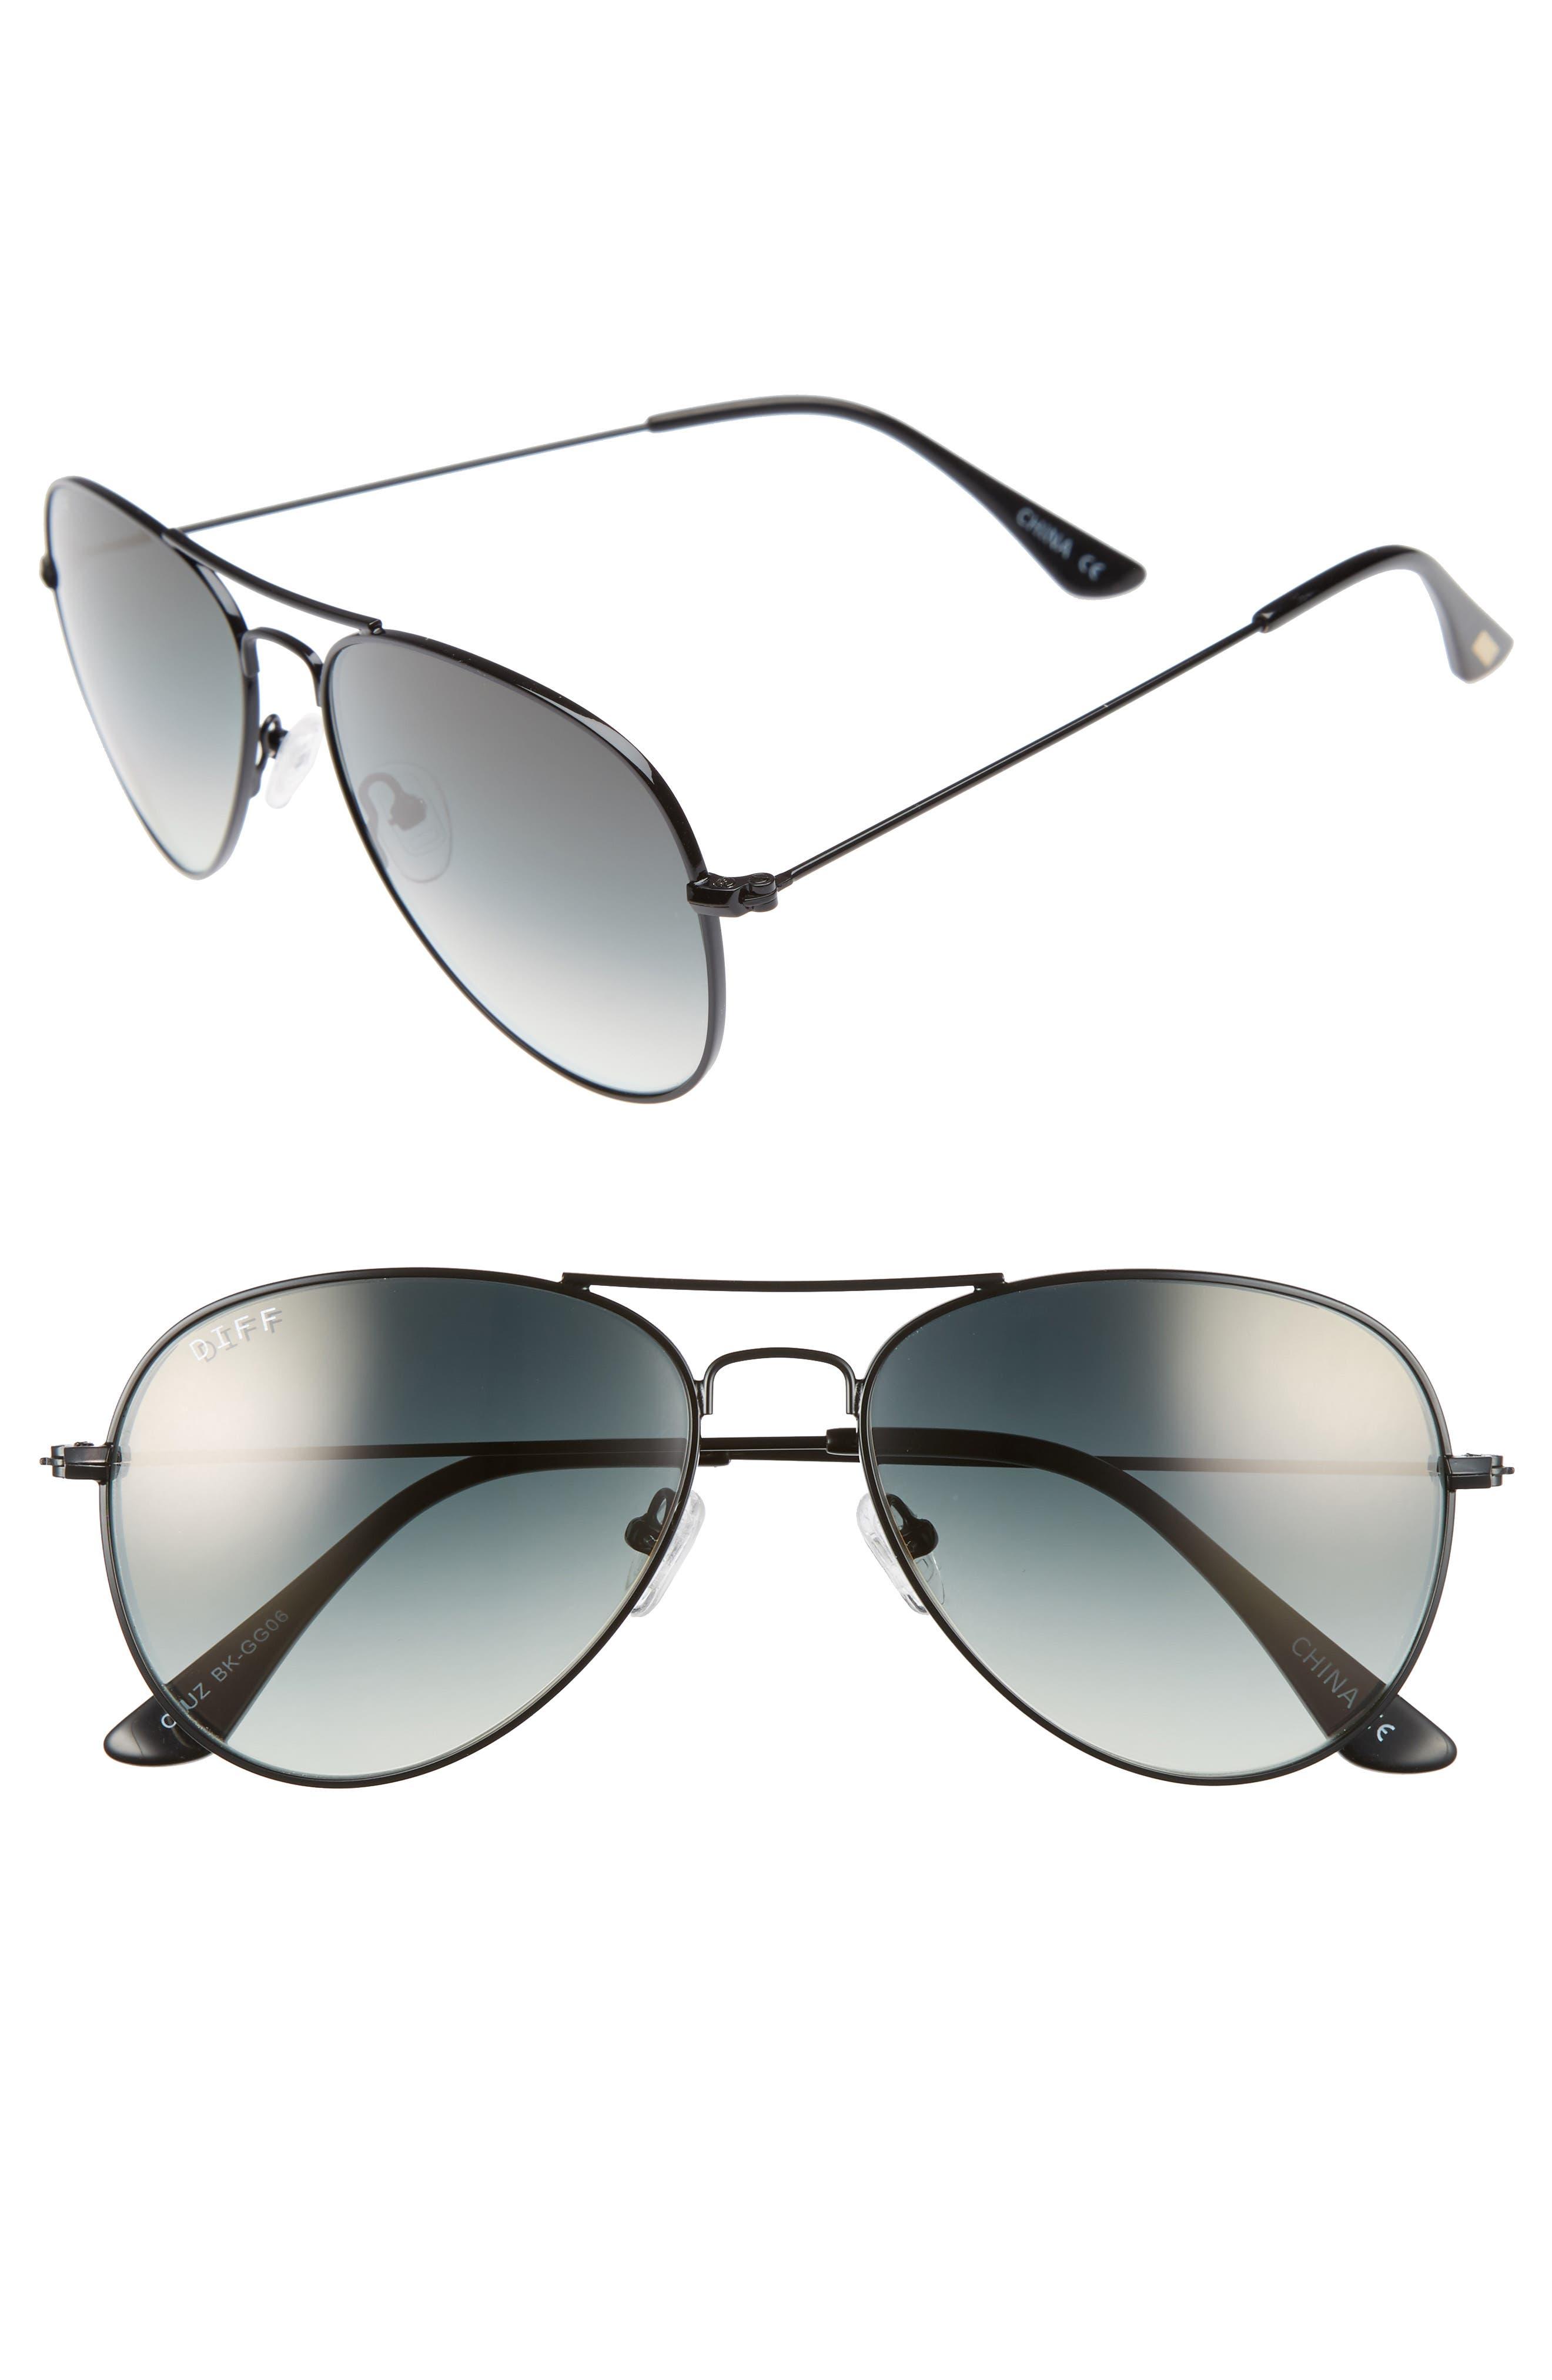 Cruz 57mm Metal Aviator Sunglasses,                         Main,                         color, BLACK/ GREY